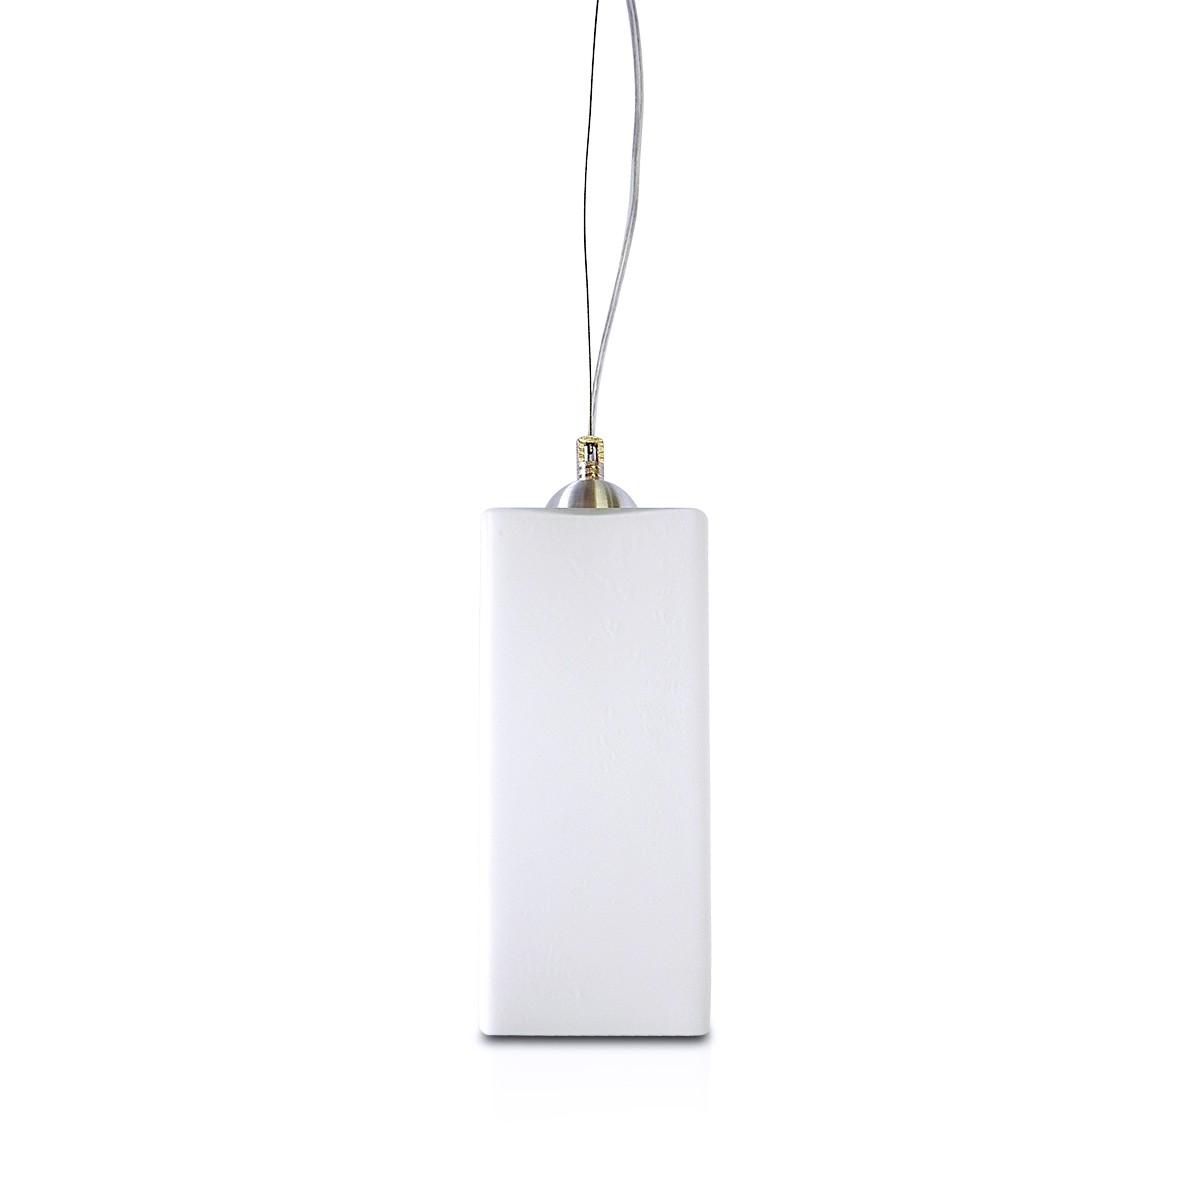 Pendente Bora Aluminio+Vidro Quadrado Fosco E-27 1 Lamp. Max 60w Branco